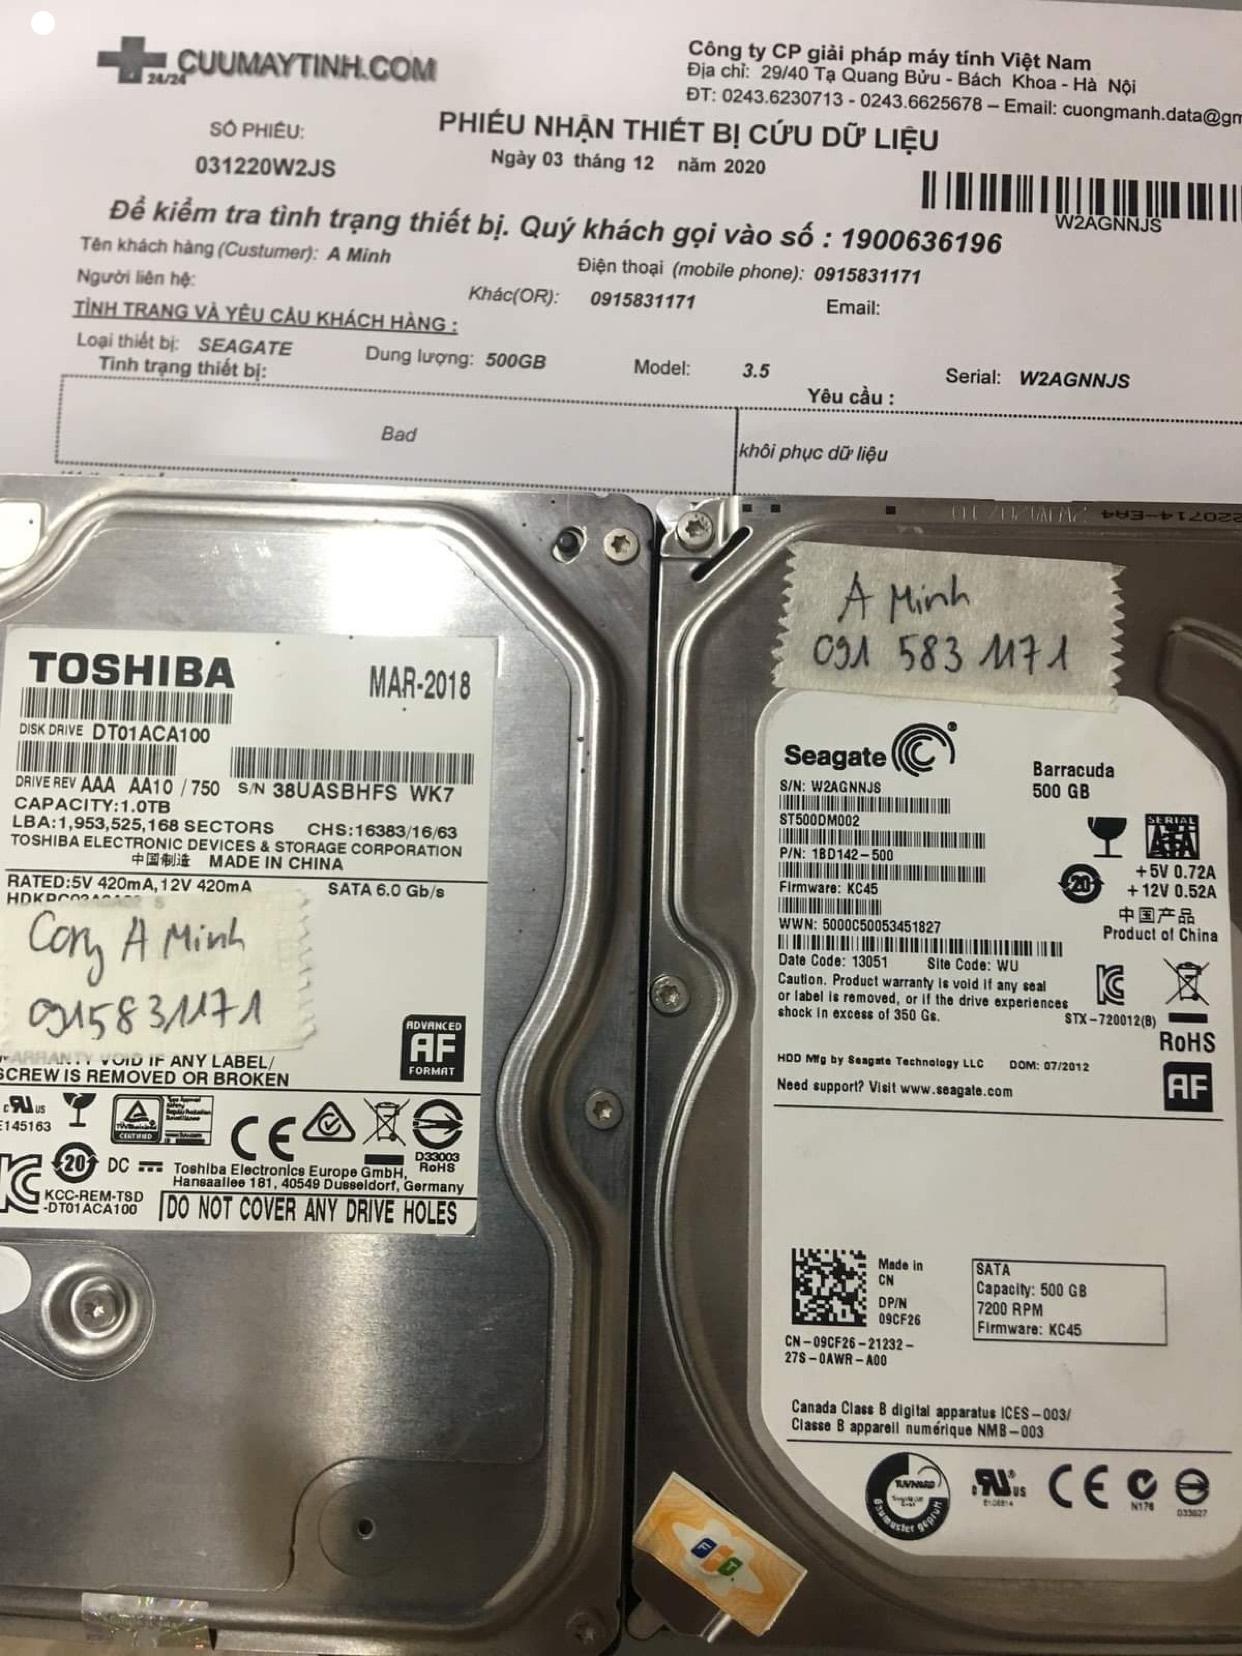 Khôi phục dữ liệu ổ cứng Seagate 500GB bad - 03/12/2020 - cuumaytinh